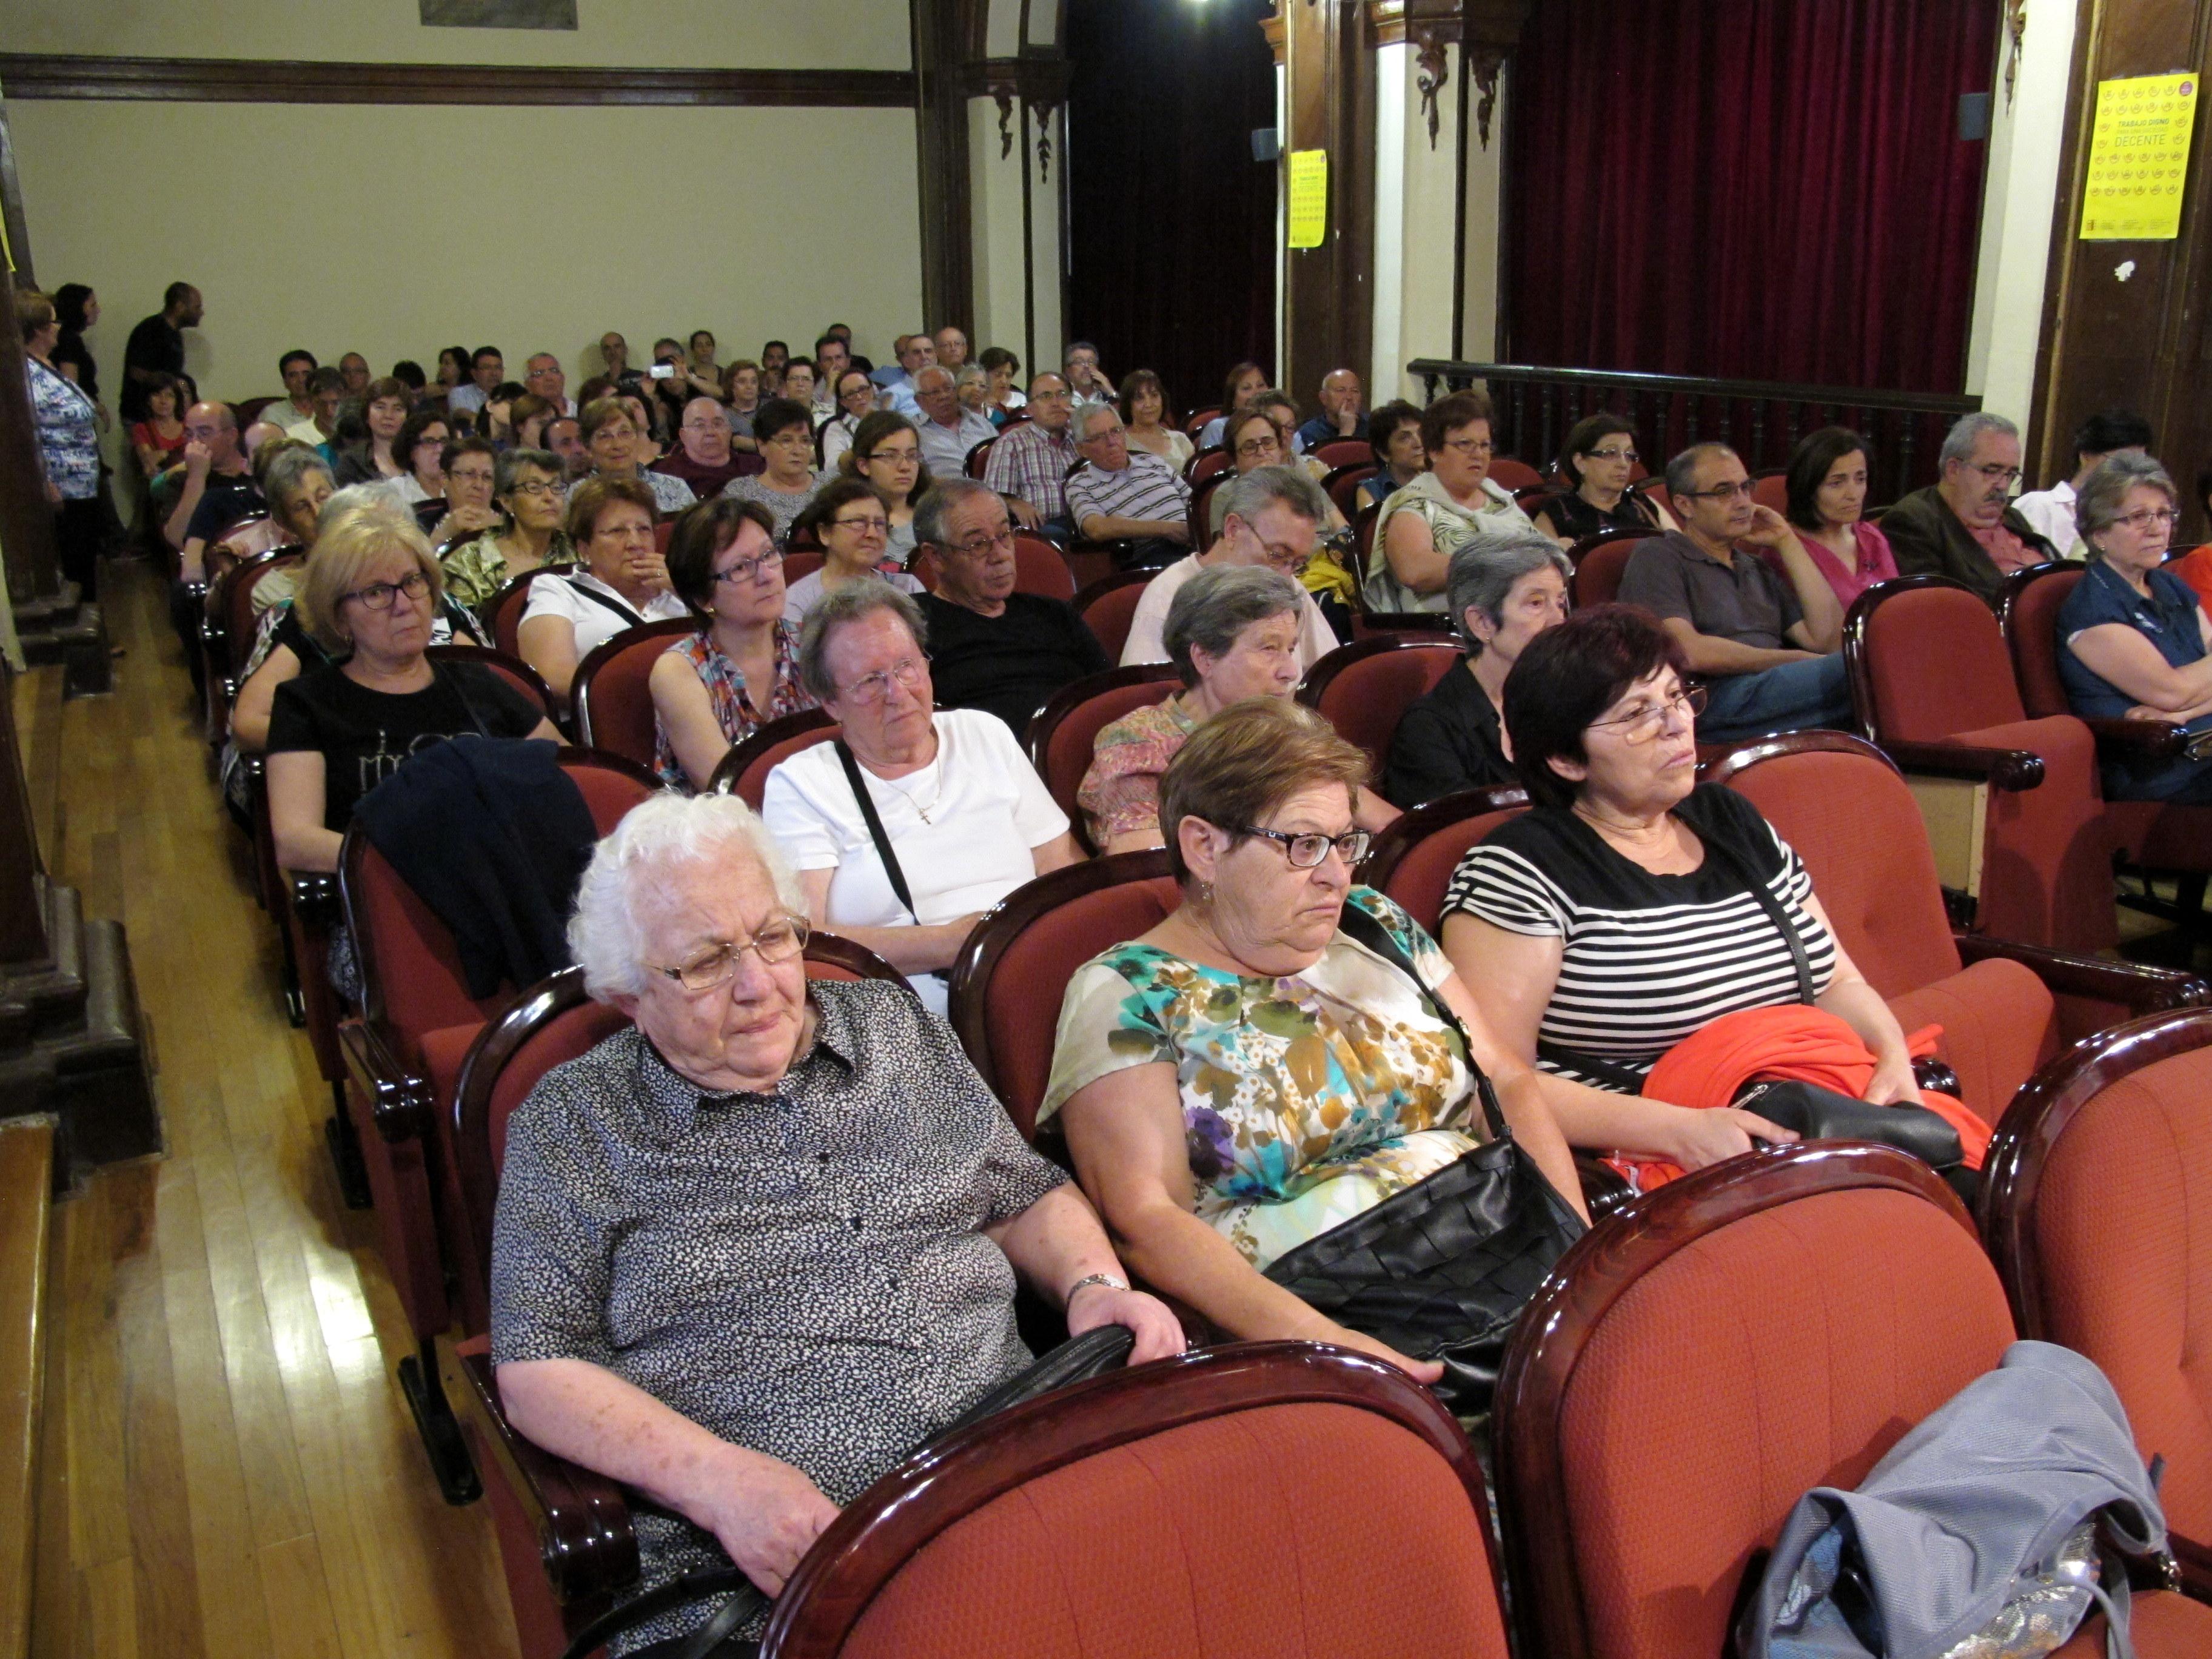 Imagen del salón de actos del IES Licenciado Cascales, durante la intervención de Daniel Jover